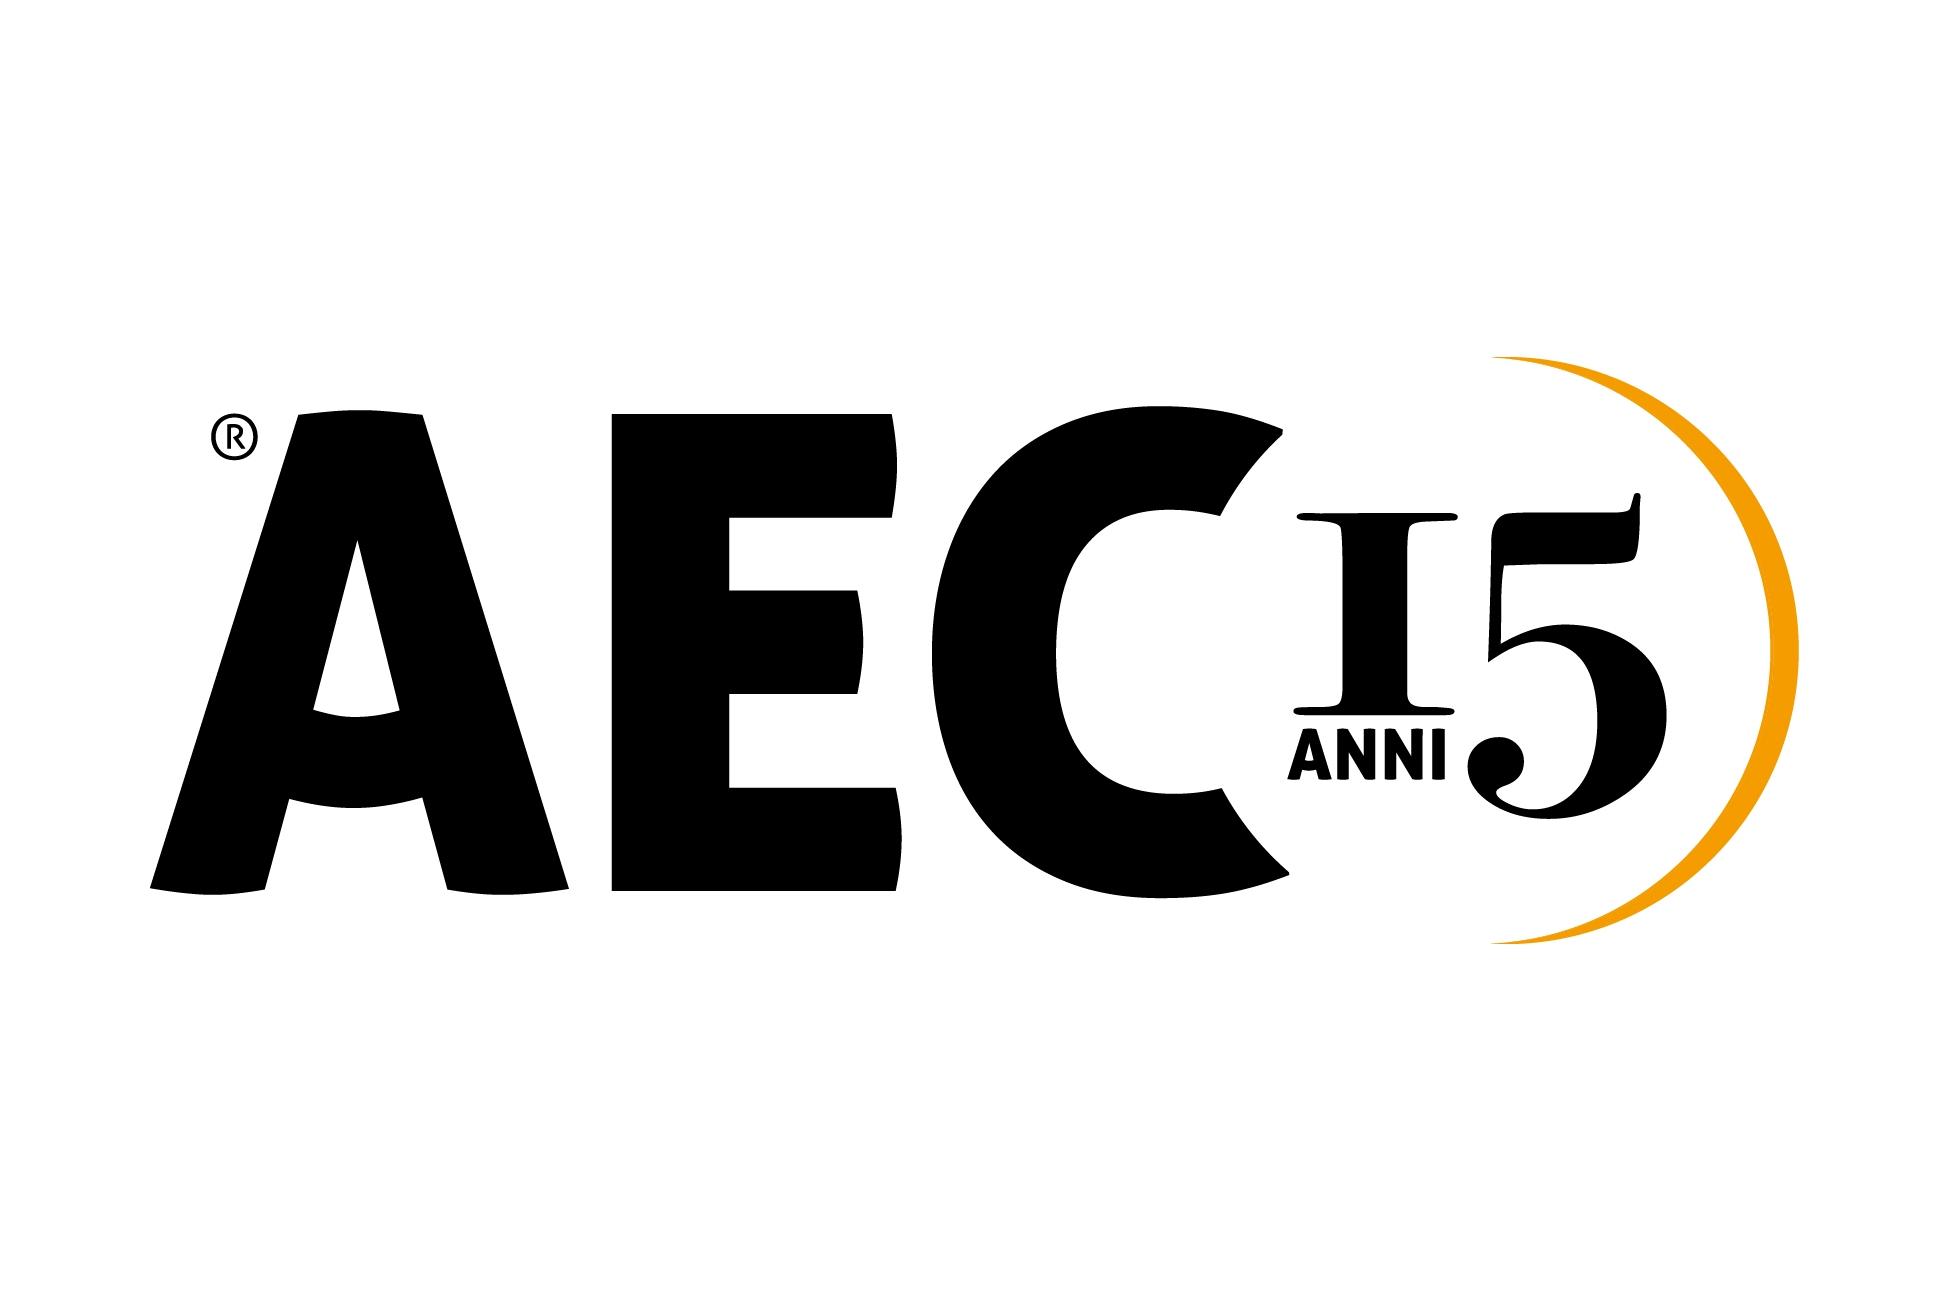 AEC 15 anni HiRes